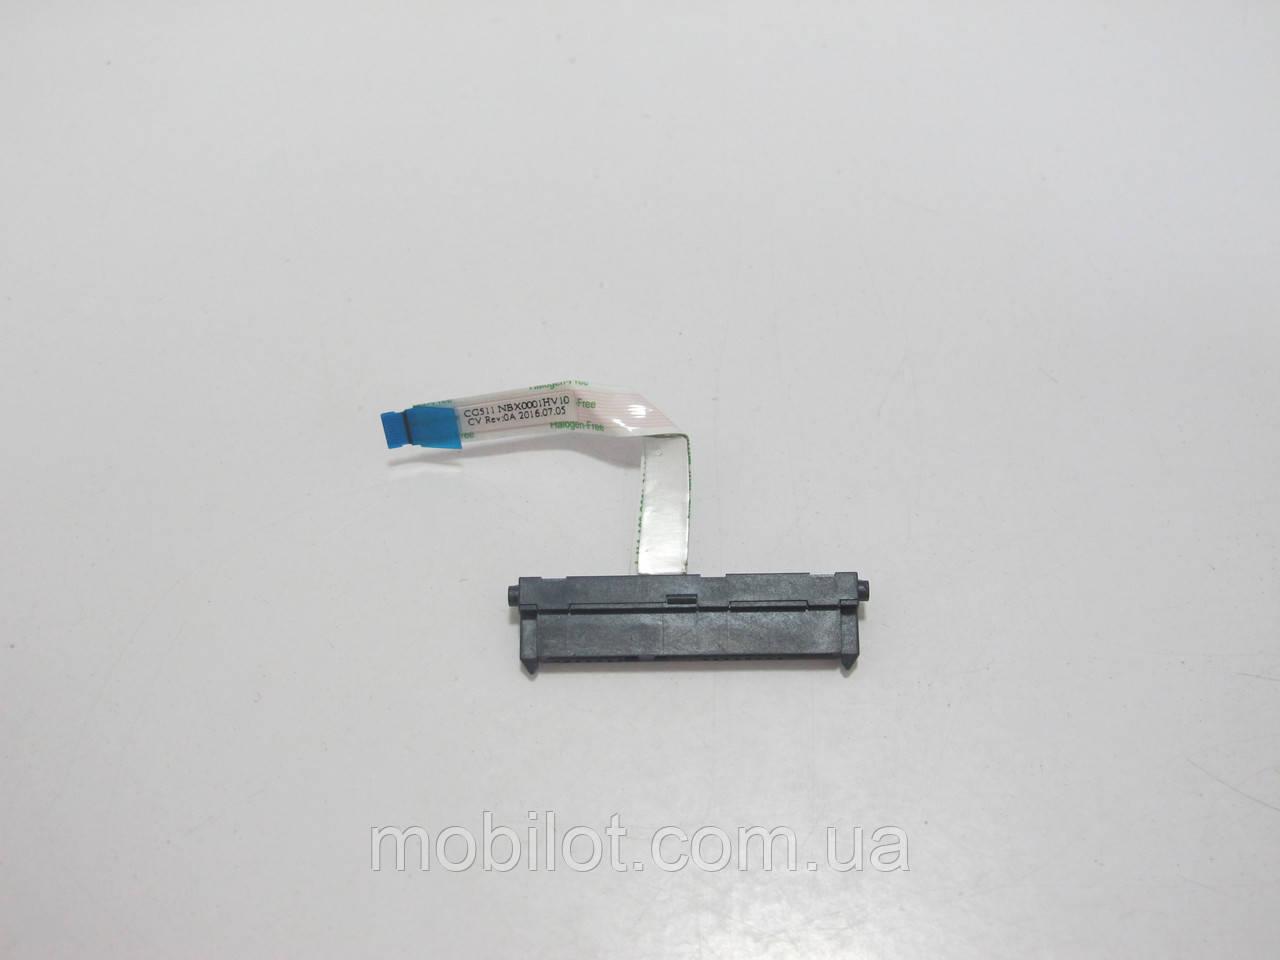 Шлейф к жесткому диску Lenovo 310-15IKB (NZ-6351)